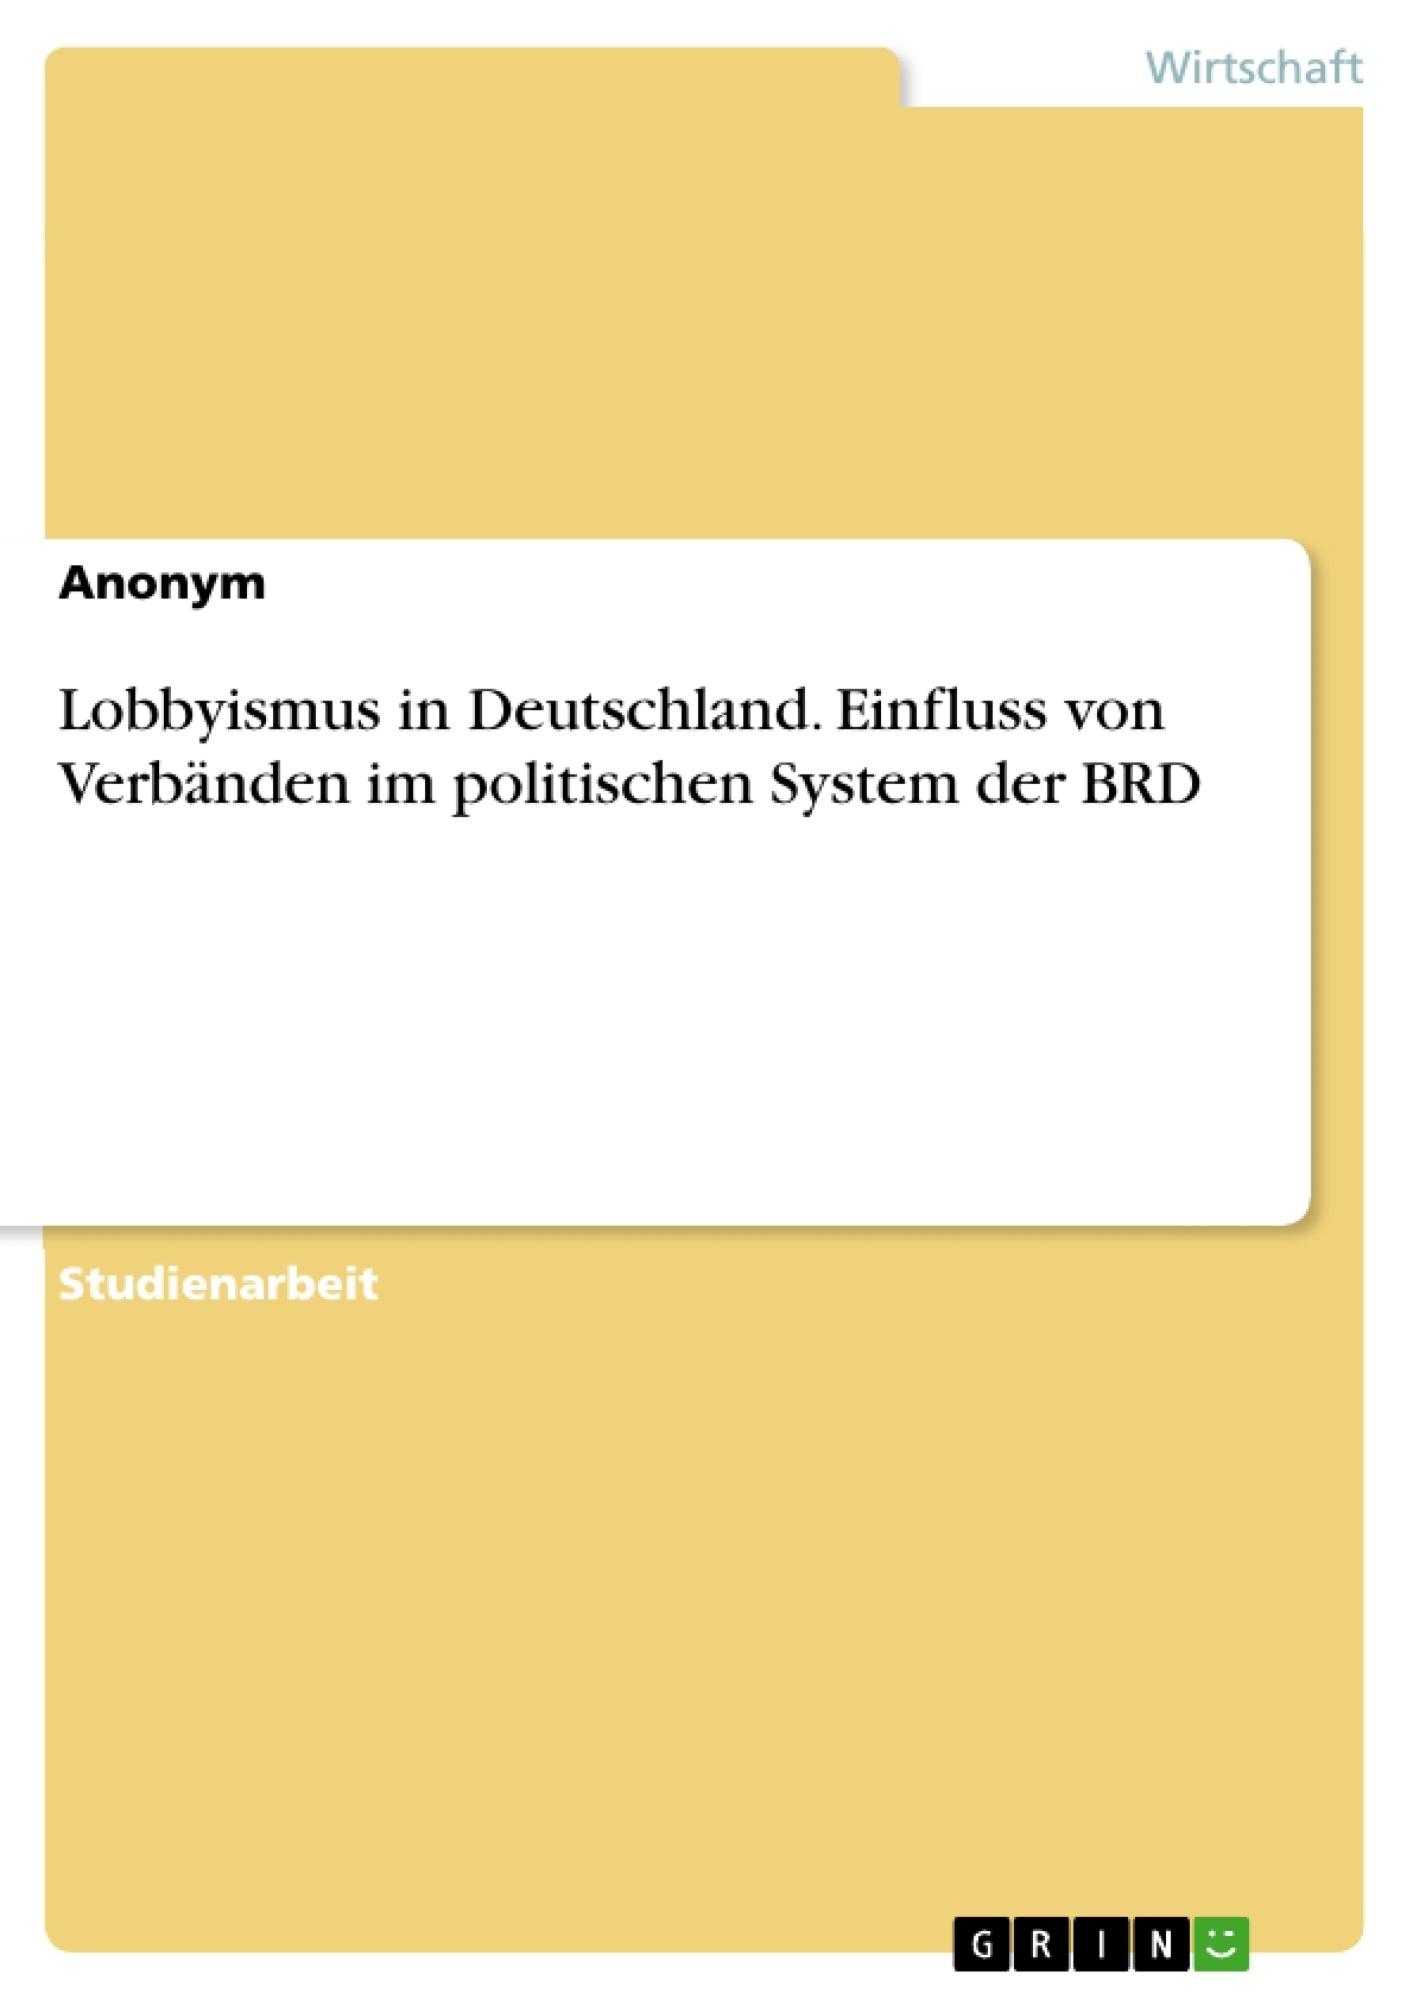 Titel: Lobbyismus in Deutschland. Einfluss von Verbänden im politischen System der BRD